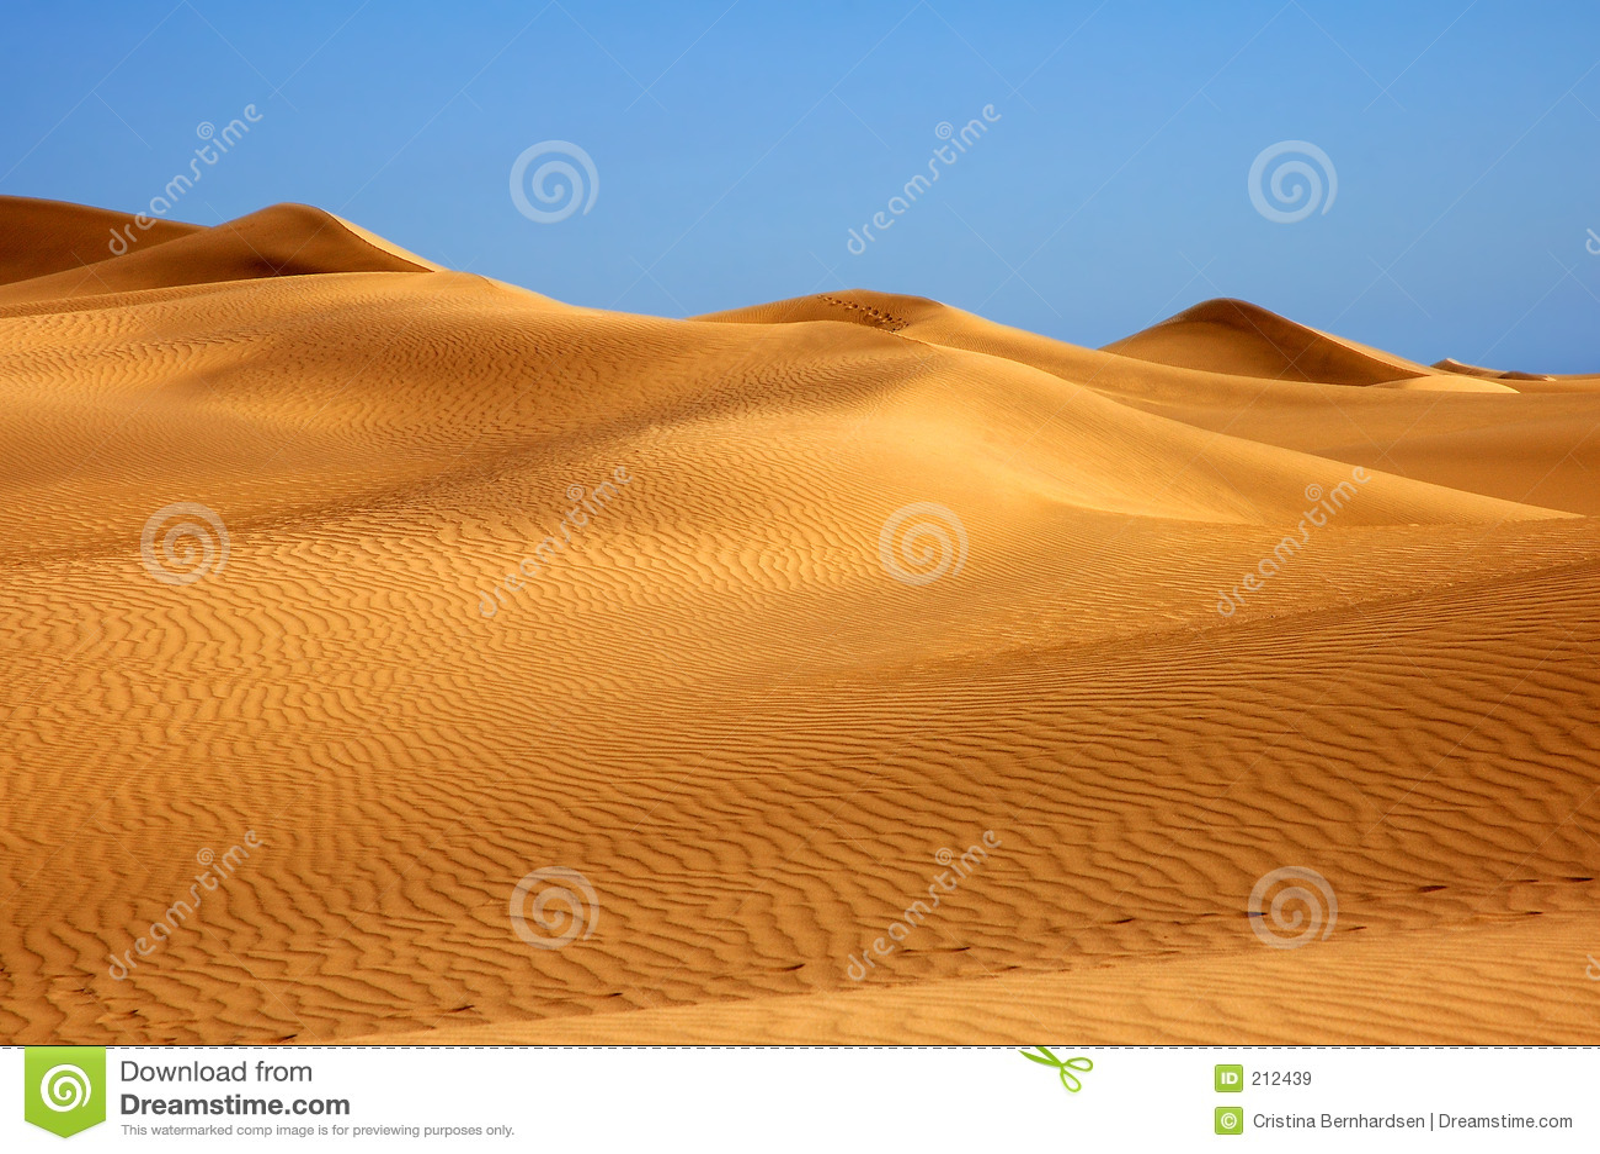 ¿Perdido en el desierto?